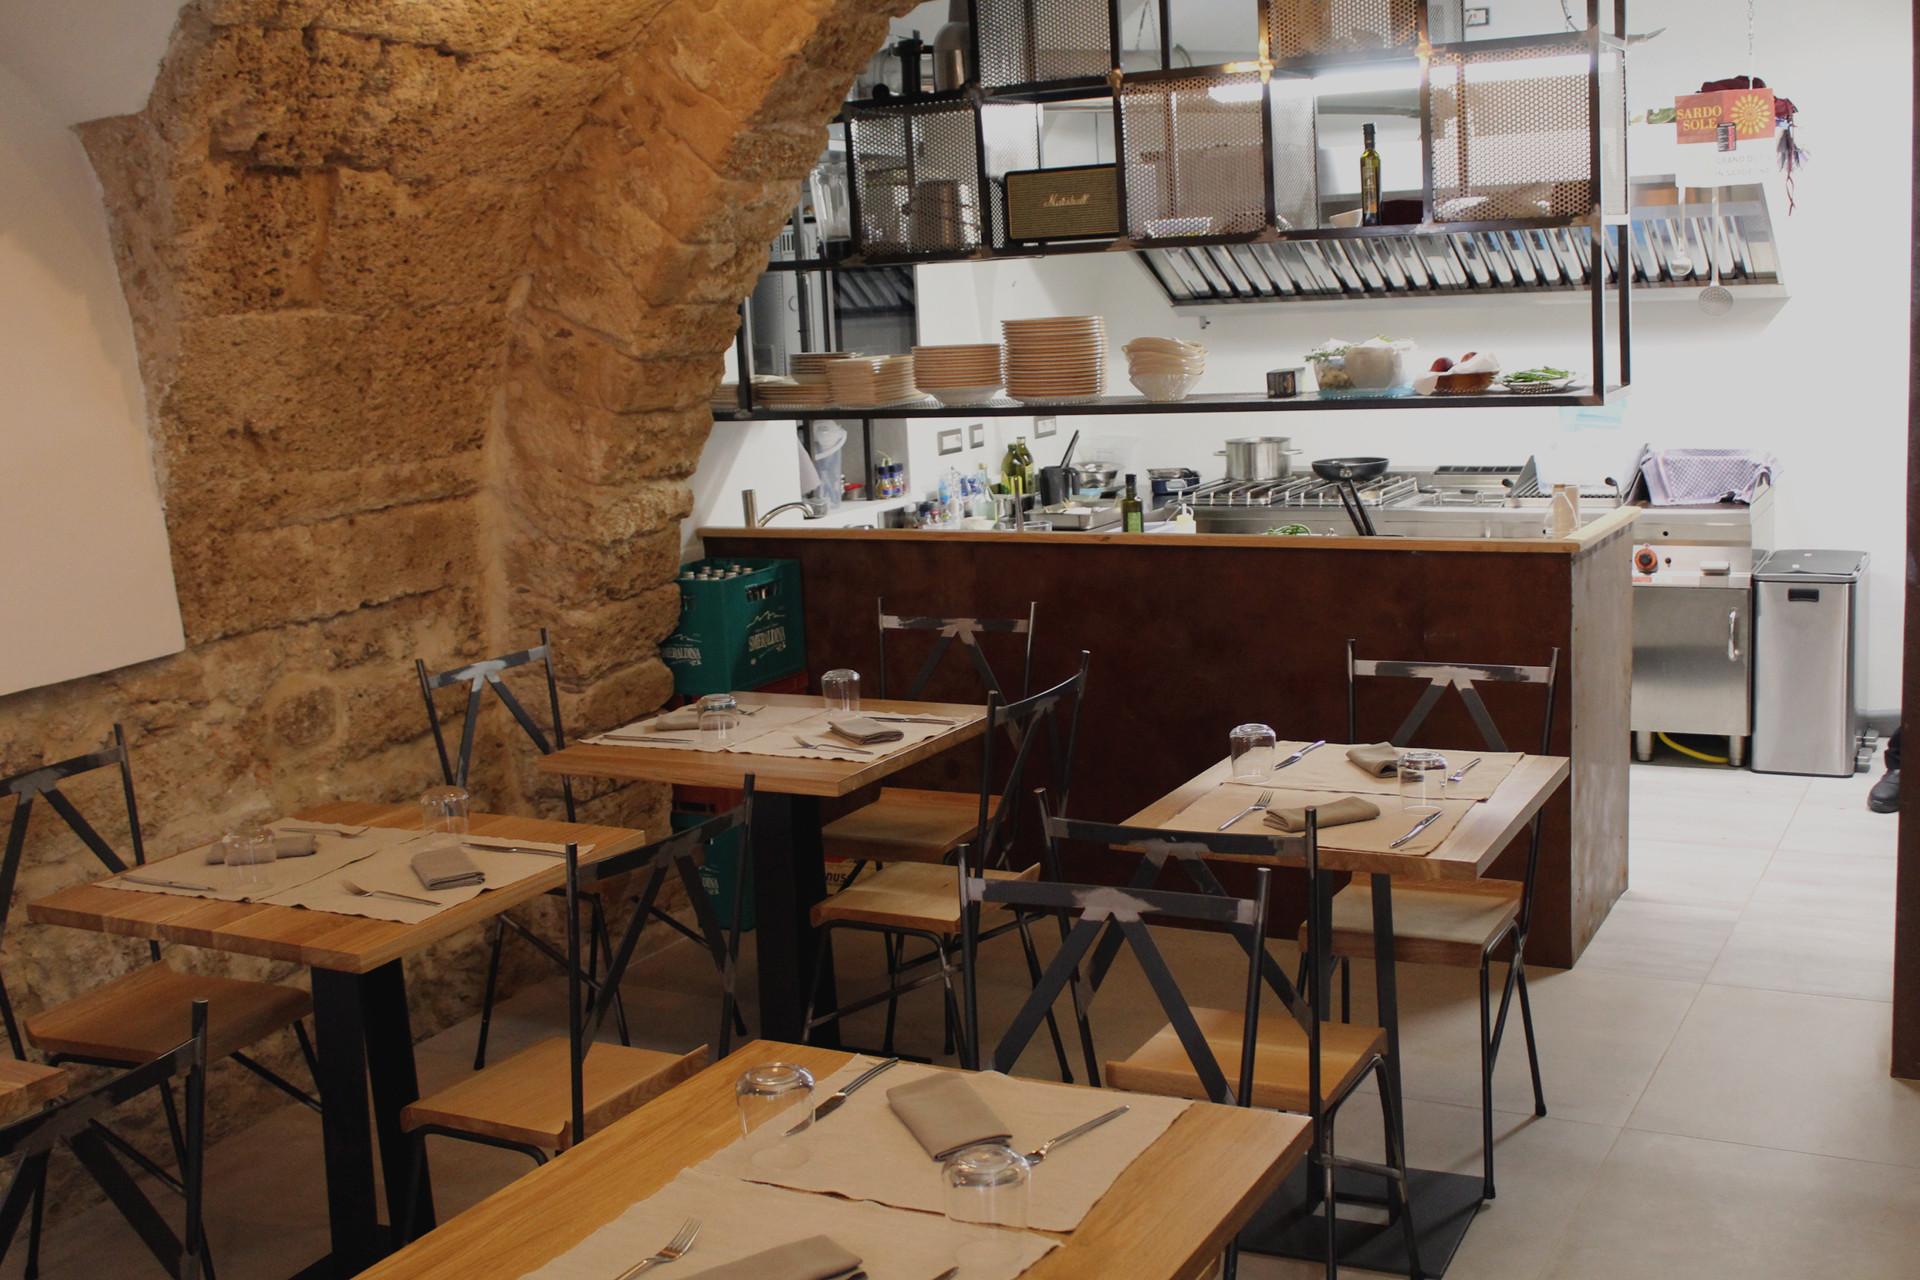 alghero-osteria-ristorante-mandras-lentas